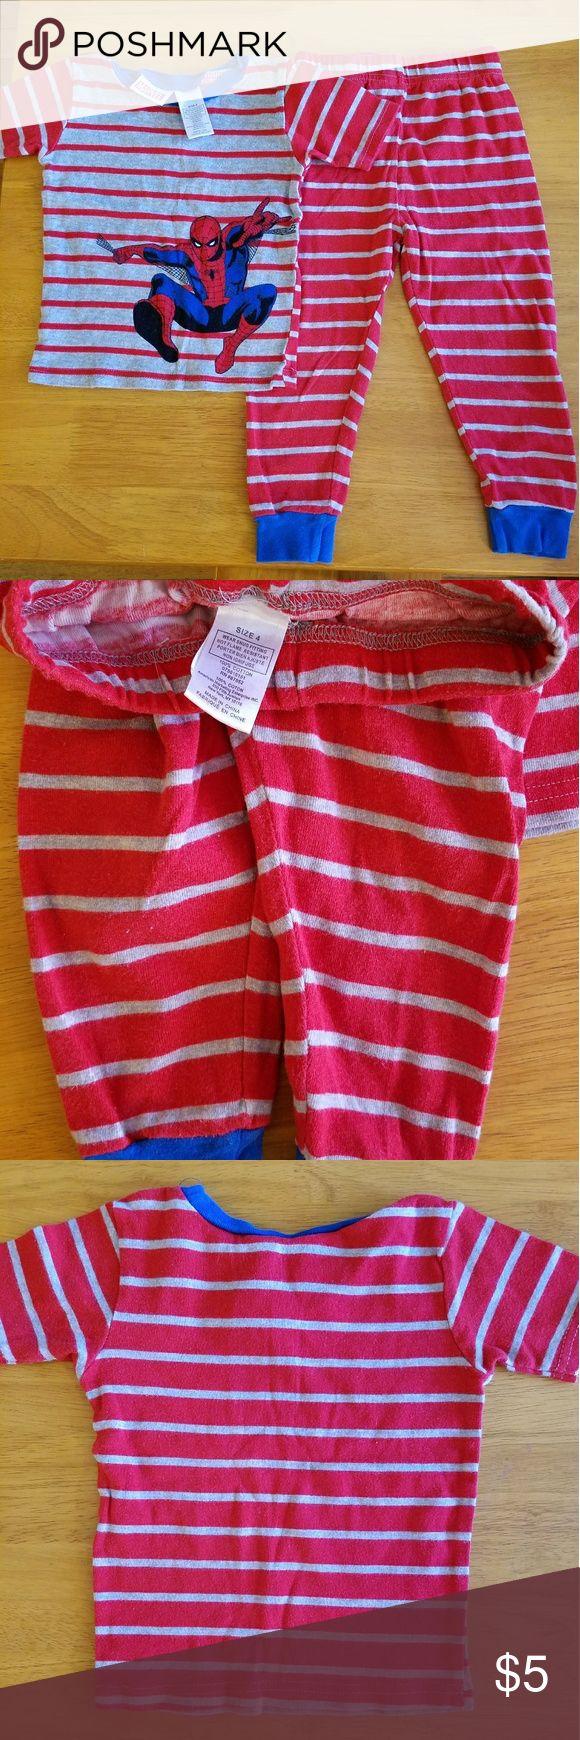 Marvel Boys Spiderman Pajamas size 4 Marvel Boys Spiderman Pajamas  Size 4 100% Cotton EUC From a smoke-free and pet-free home Marvel Pajamas Pajama Sets